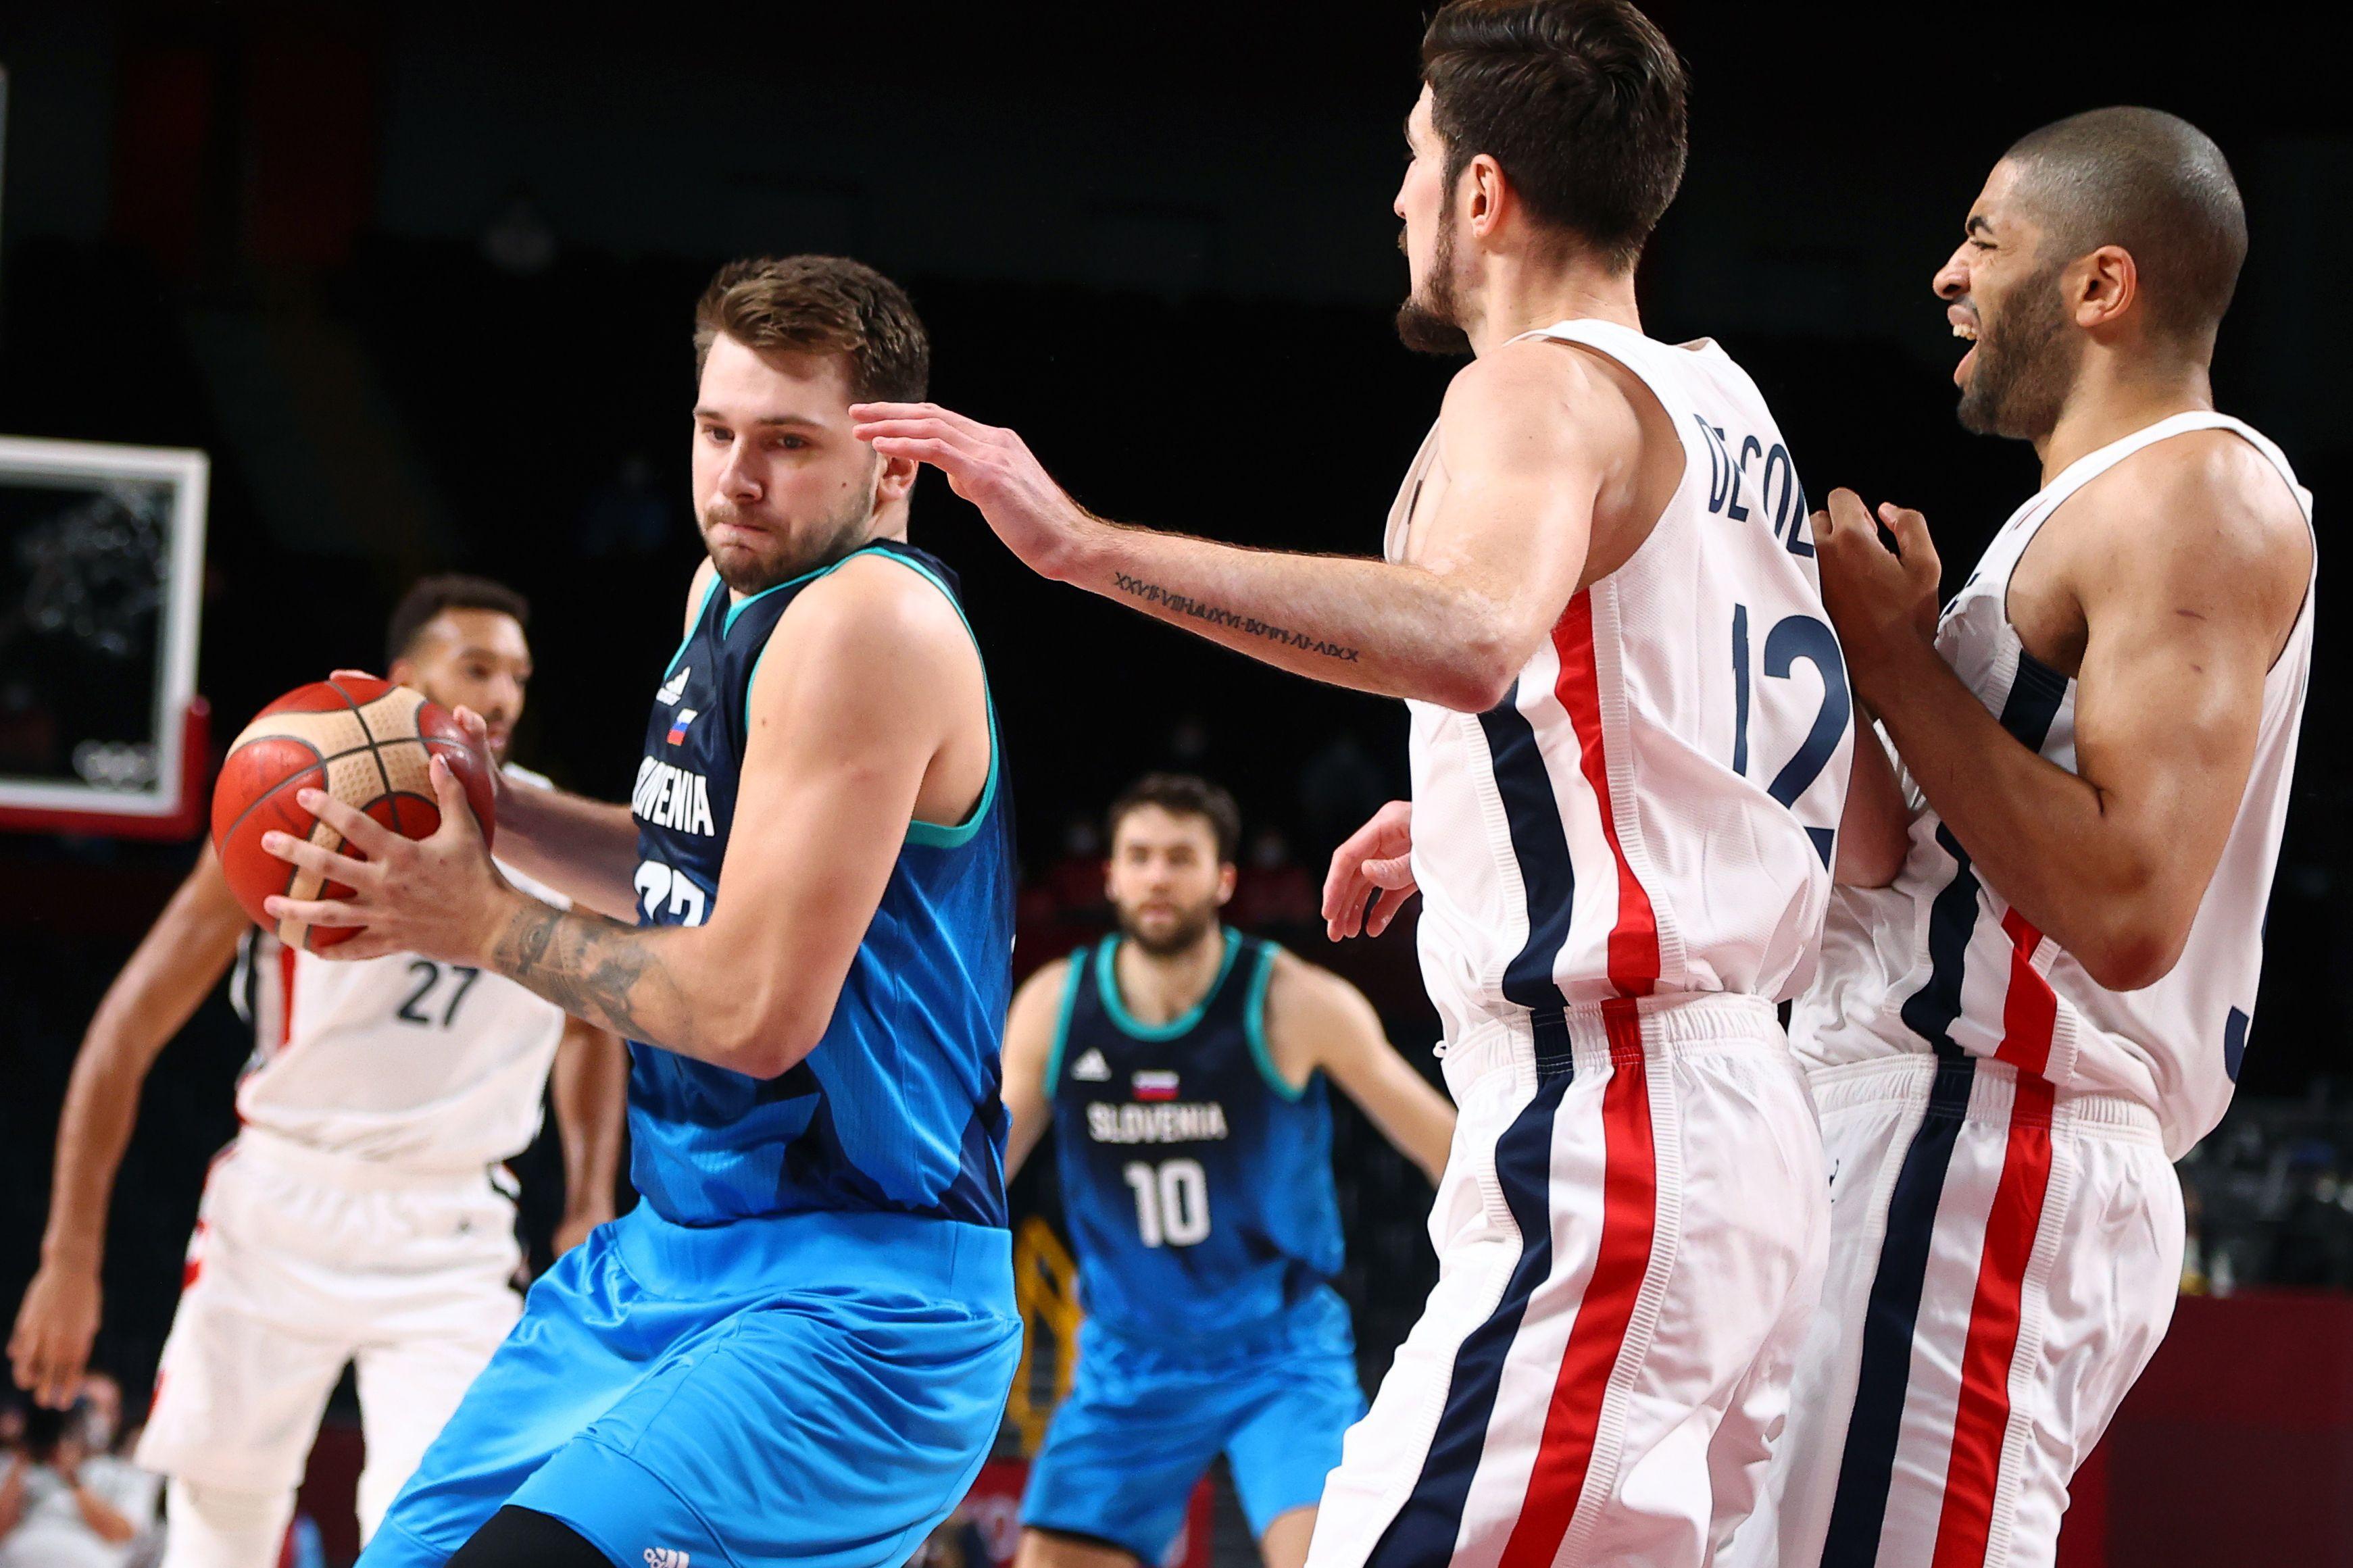 un-tapon-que-vale-una-medalla:-francia-esta-en-la-final-del-basquet-con-una-jugada-magistral-de-nico-batum